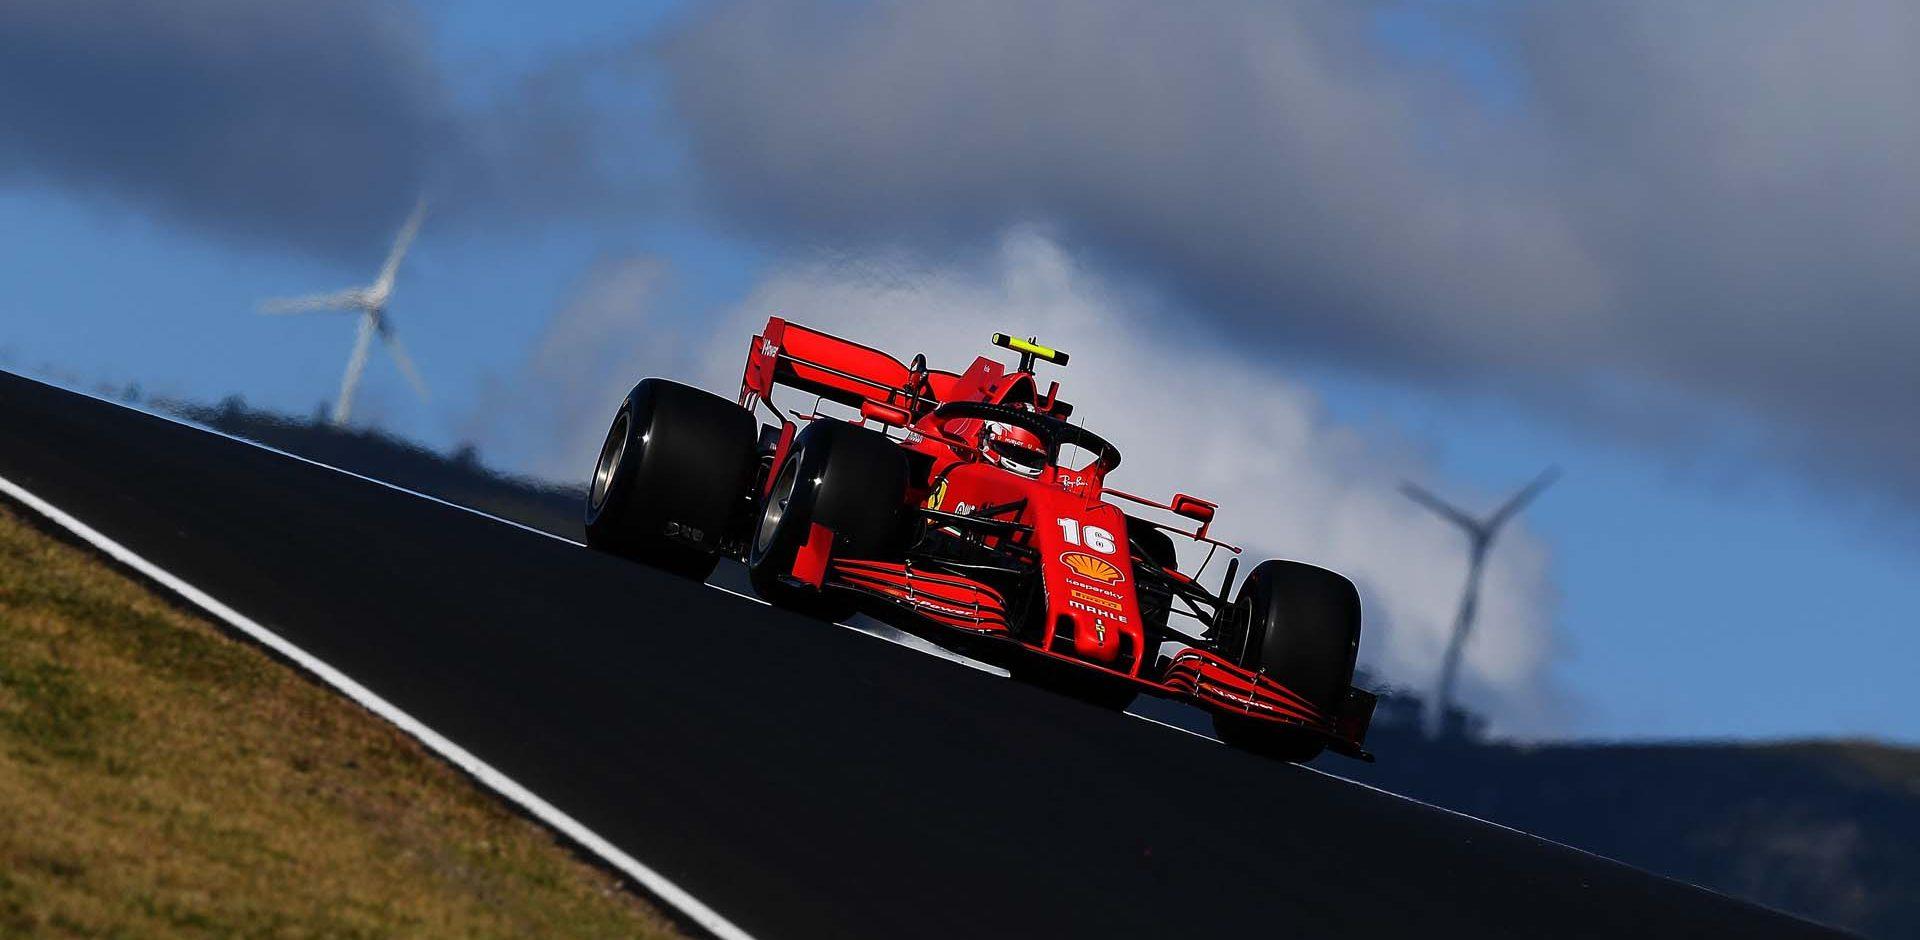 GP PORTOGALLO F1/2020 -  VENERDÌ 23/10/2020   Charles Leclerc credit: @Scuderia Ferrari Press Office